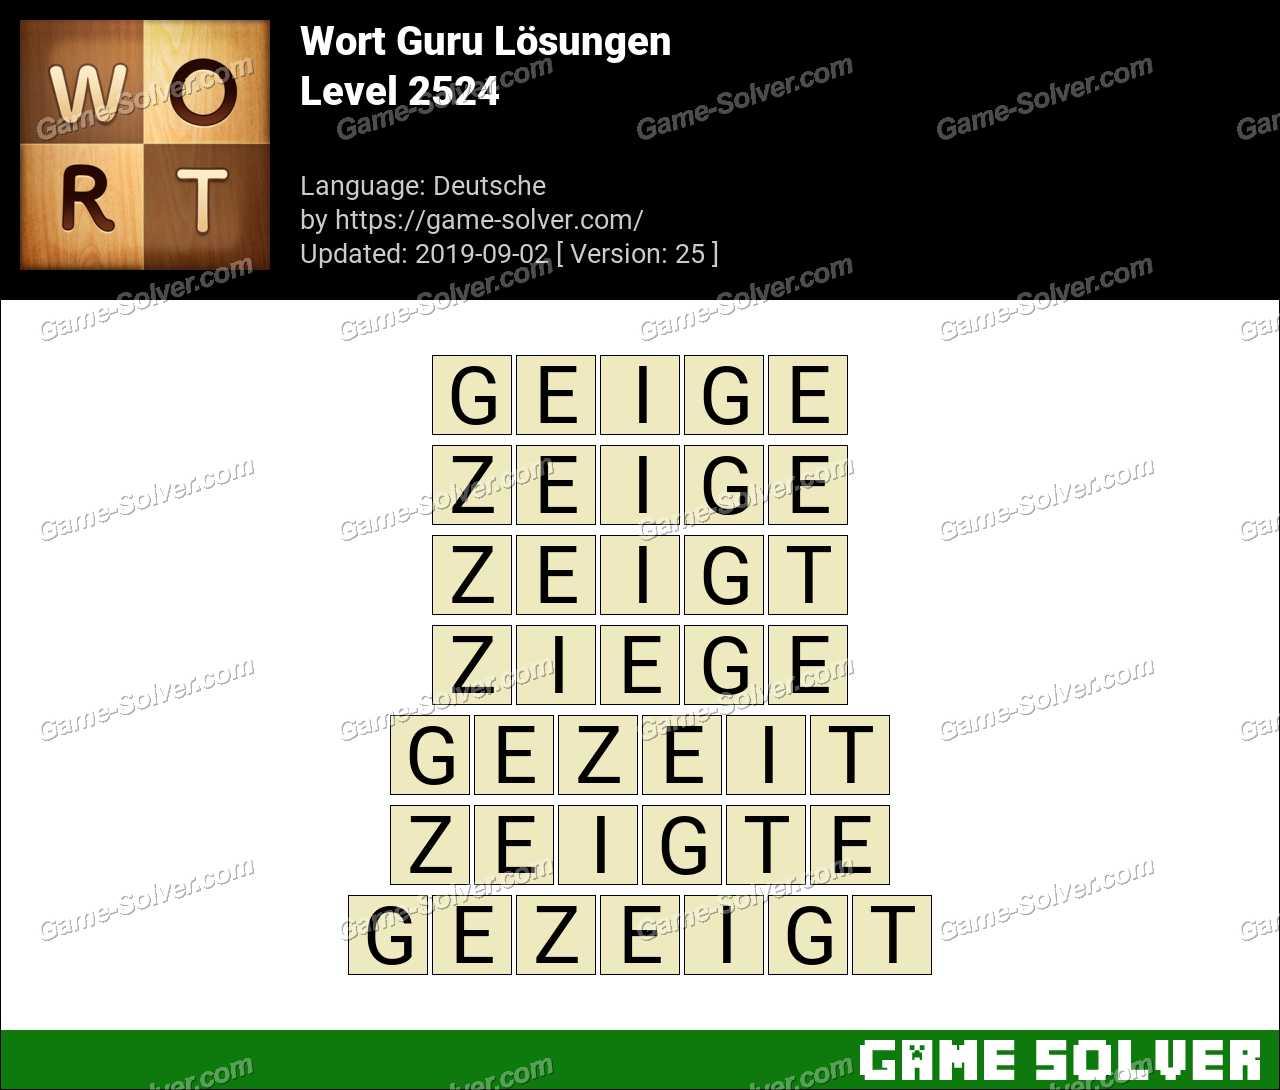 Wort Guru Level 2524 Lösungen